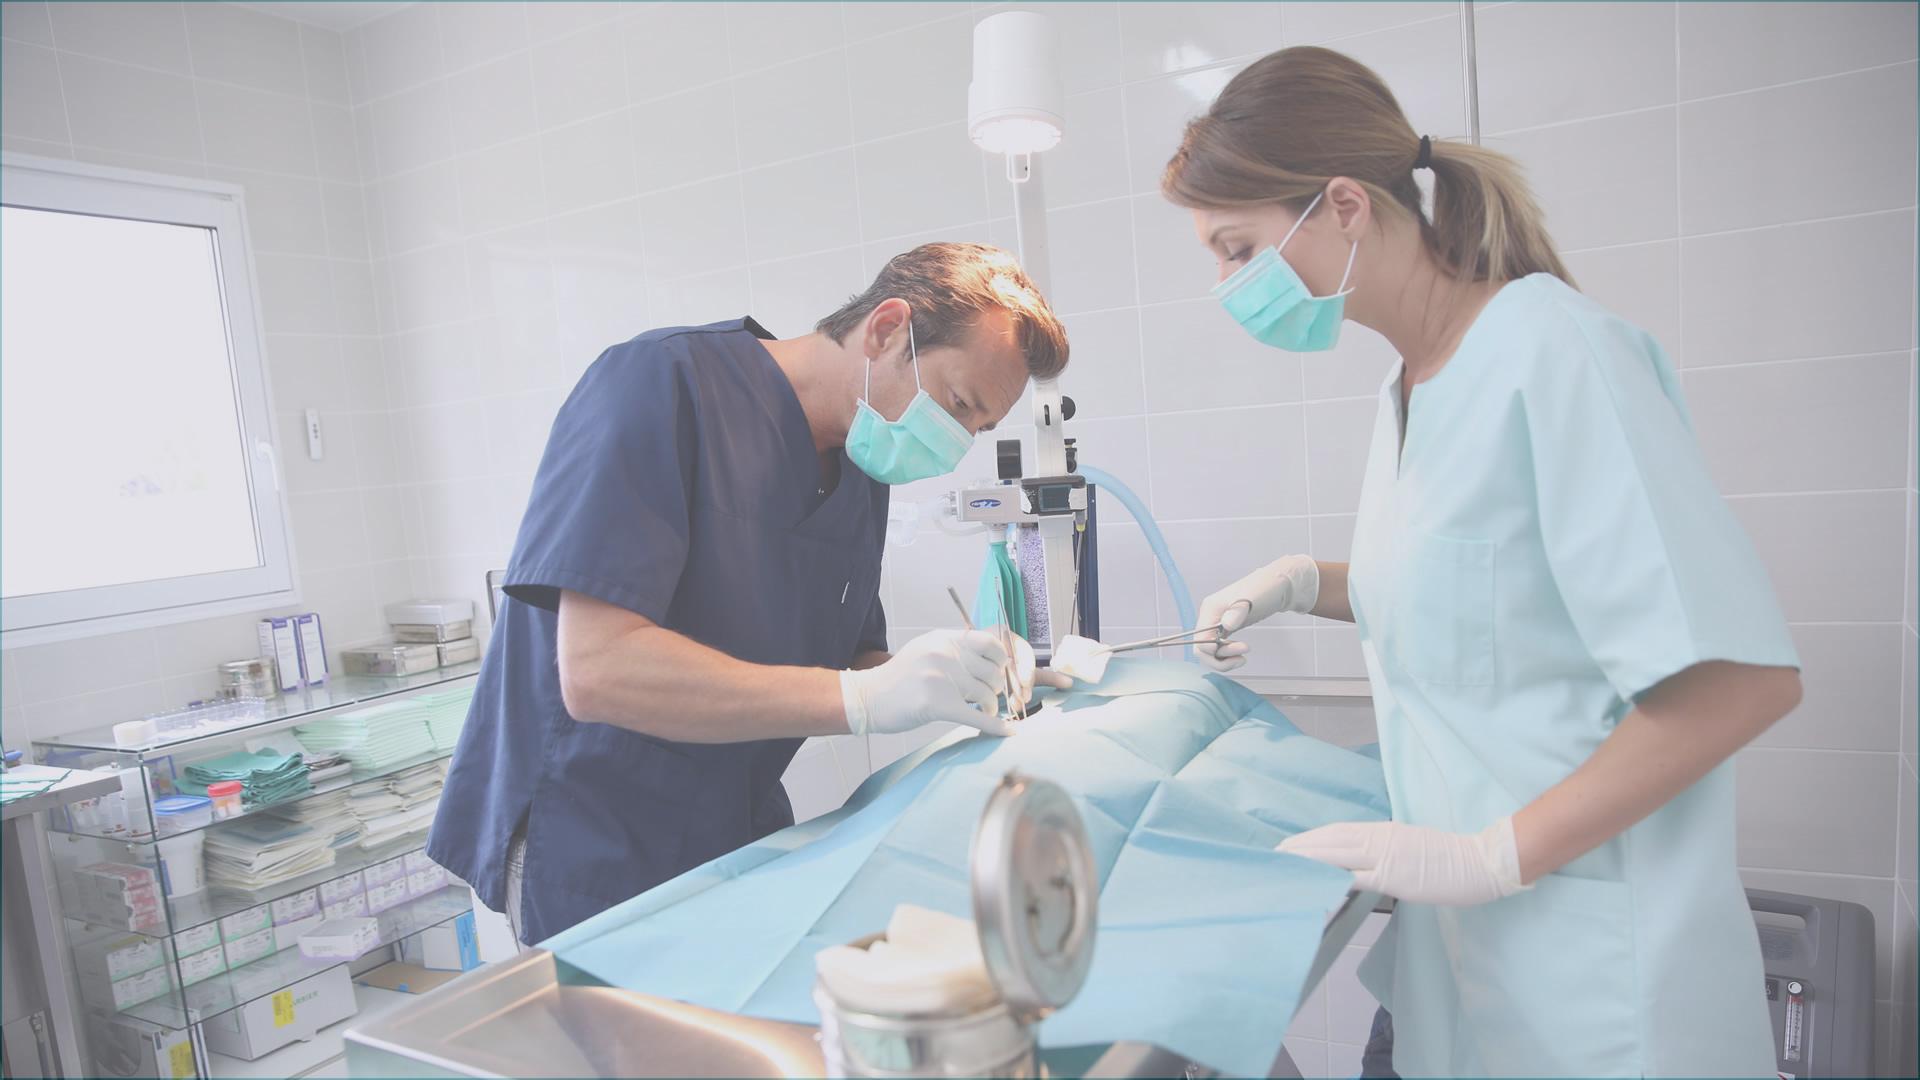 Equipamiento Veterinario: Camillas, Luces para Quirófano, UCI, Equipo de Anestesia, Monitores de Presión Arterial y más!